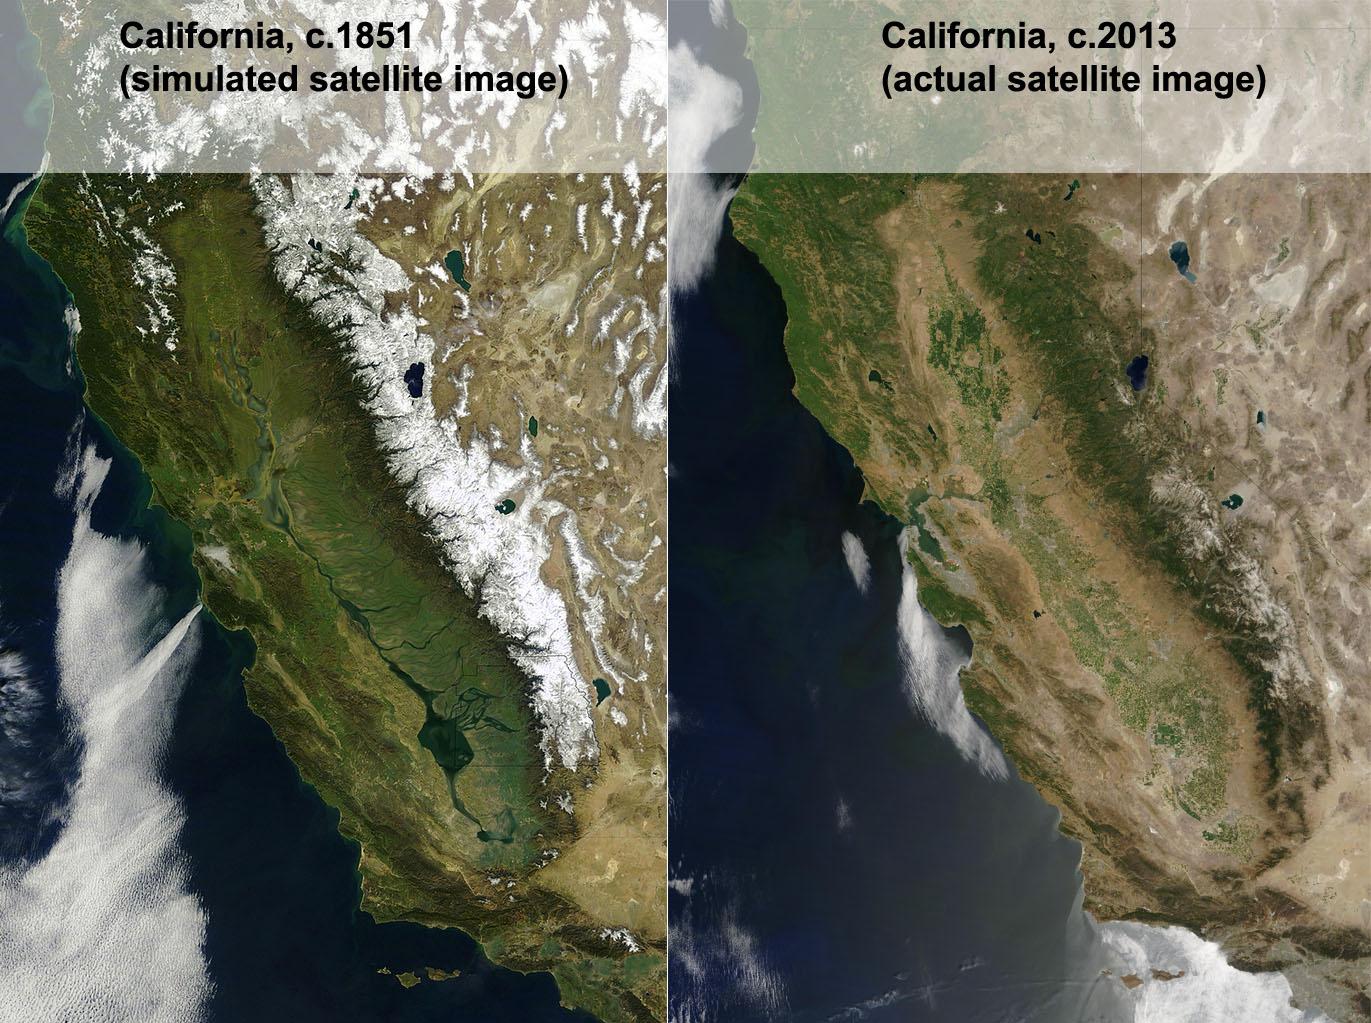 Simulated Satellite Image Of California Circa 1851 Vs Image From - California Map Satellite